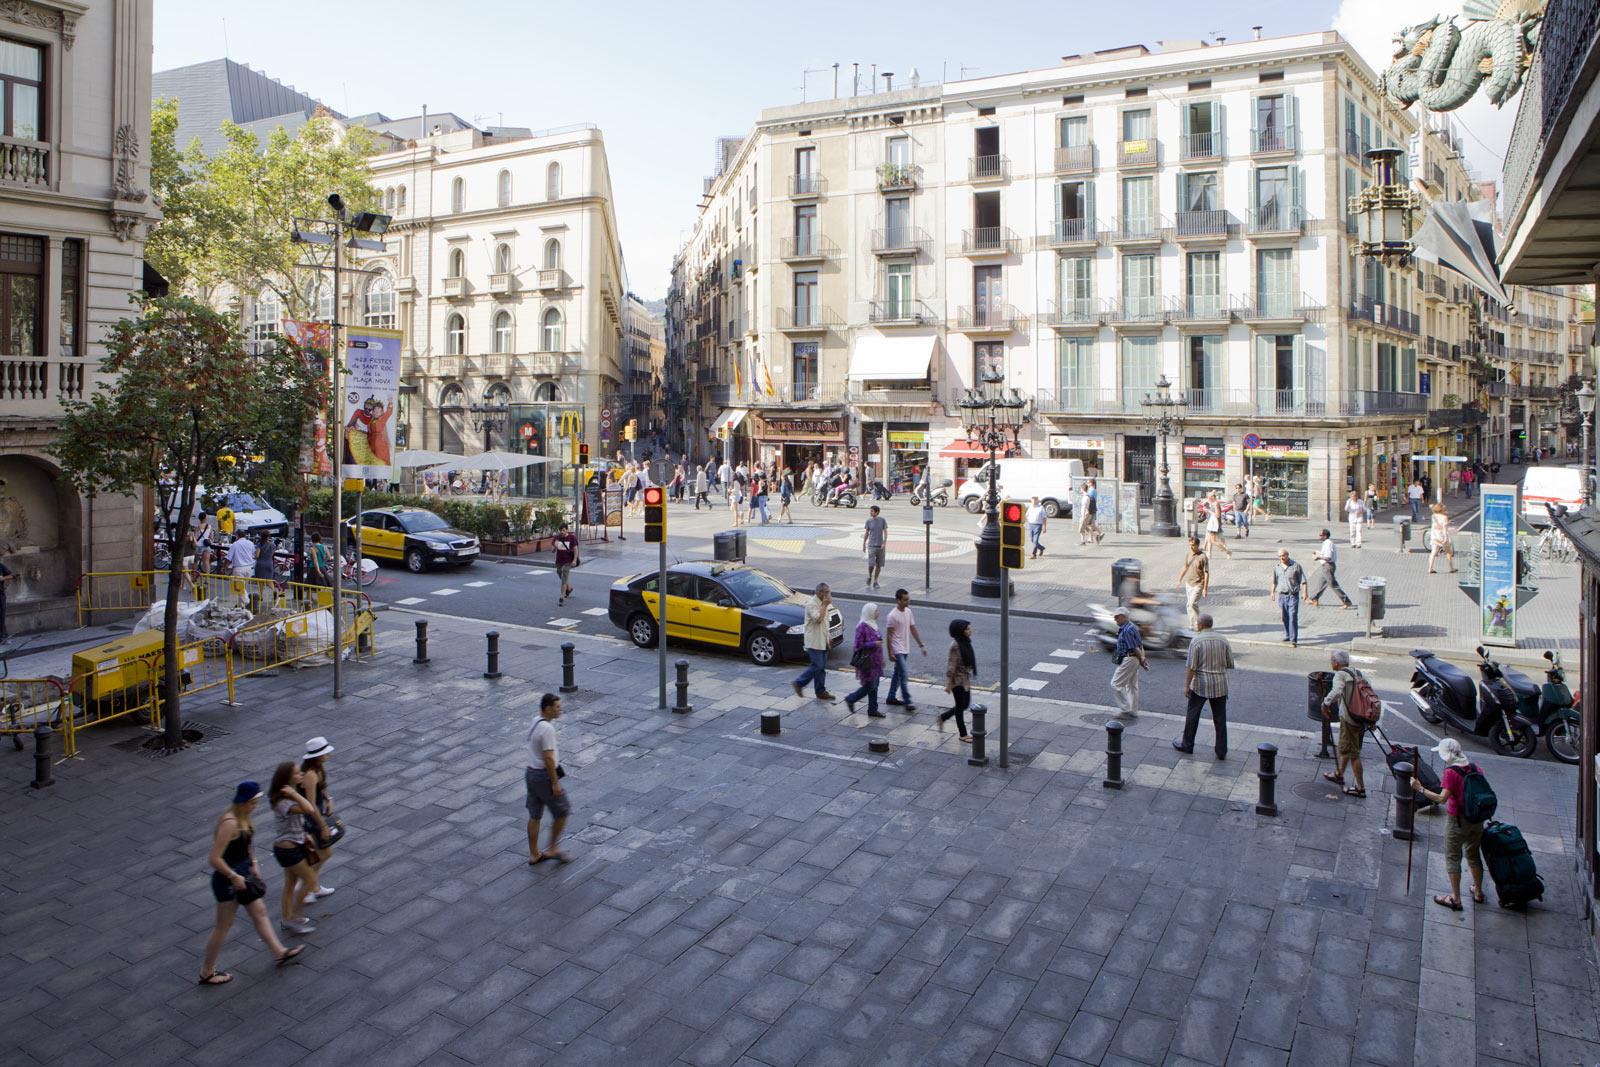 Foto hostal par s centro di barcellona sito web ufficiale for Hotel paris barcelona